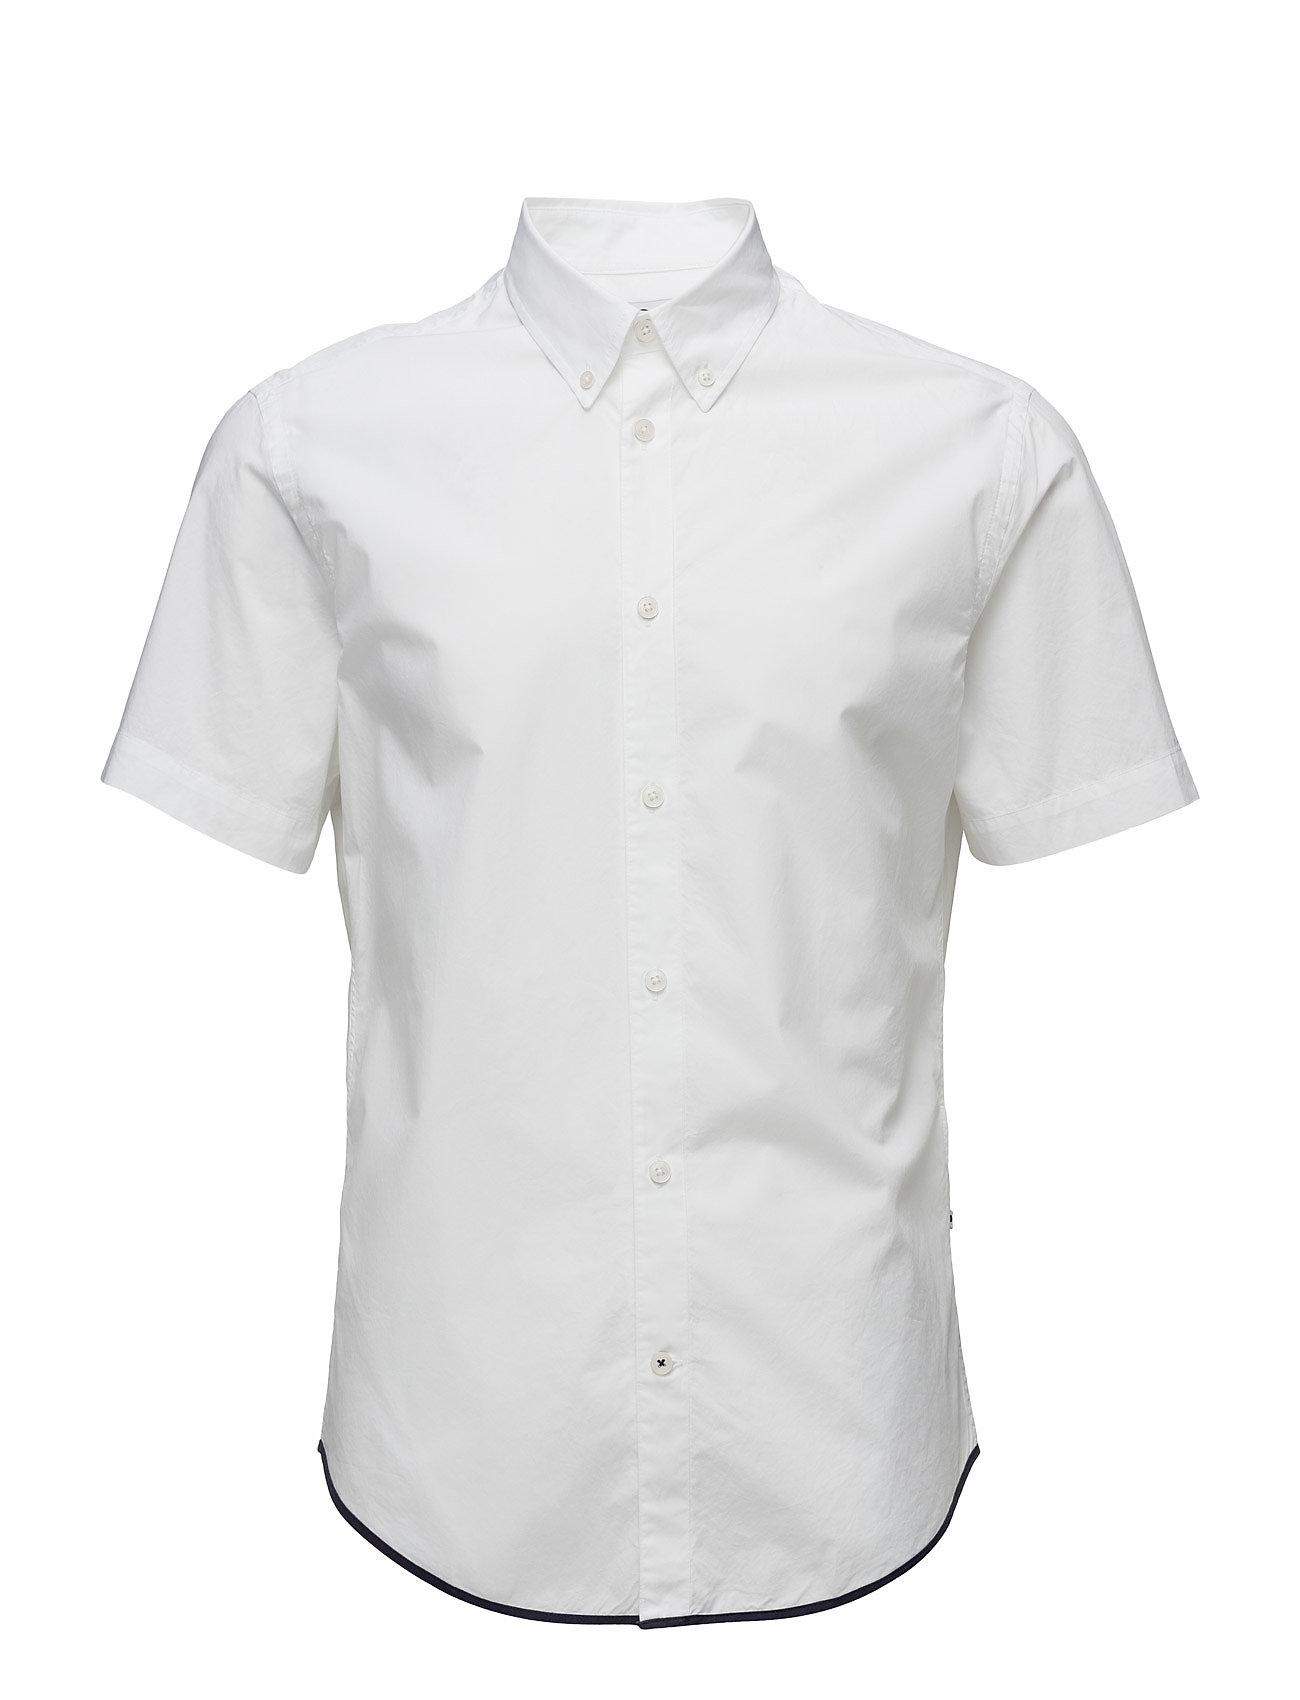 Short New Derek 5877 NN07 Kortærmede til Herrer i hvid